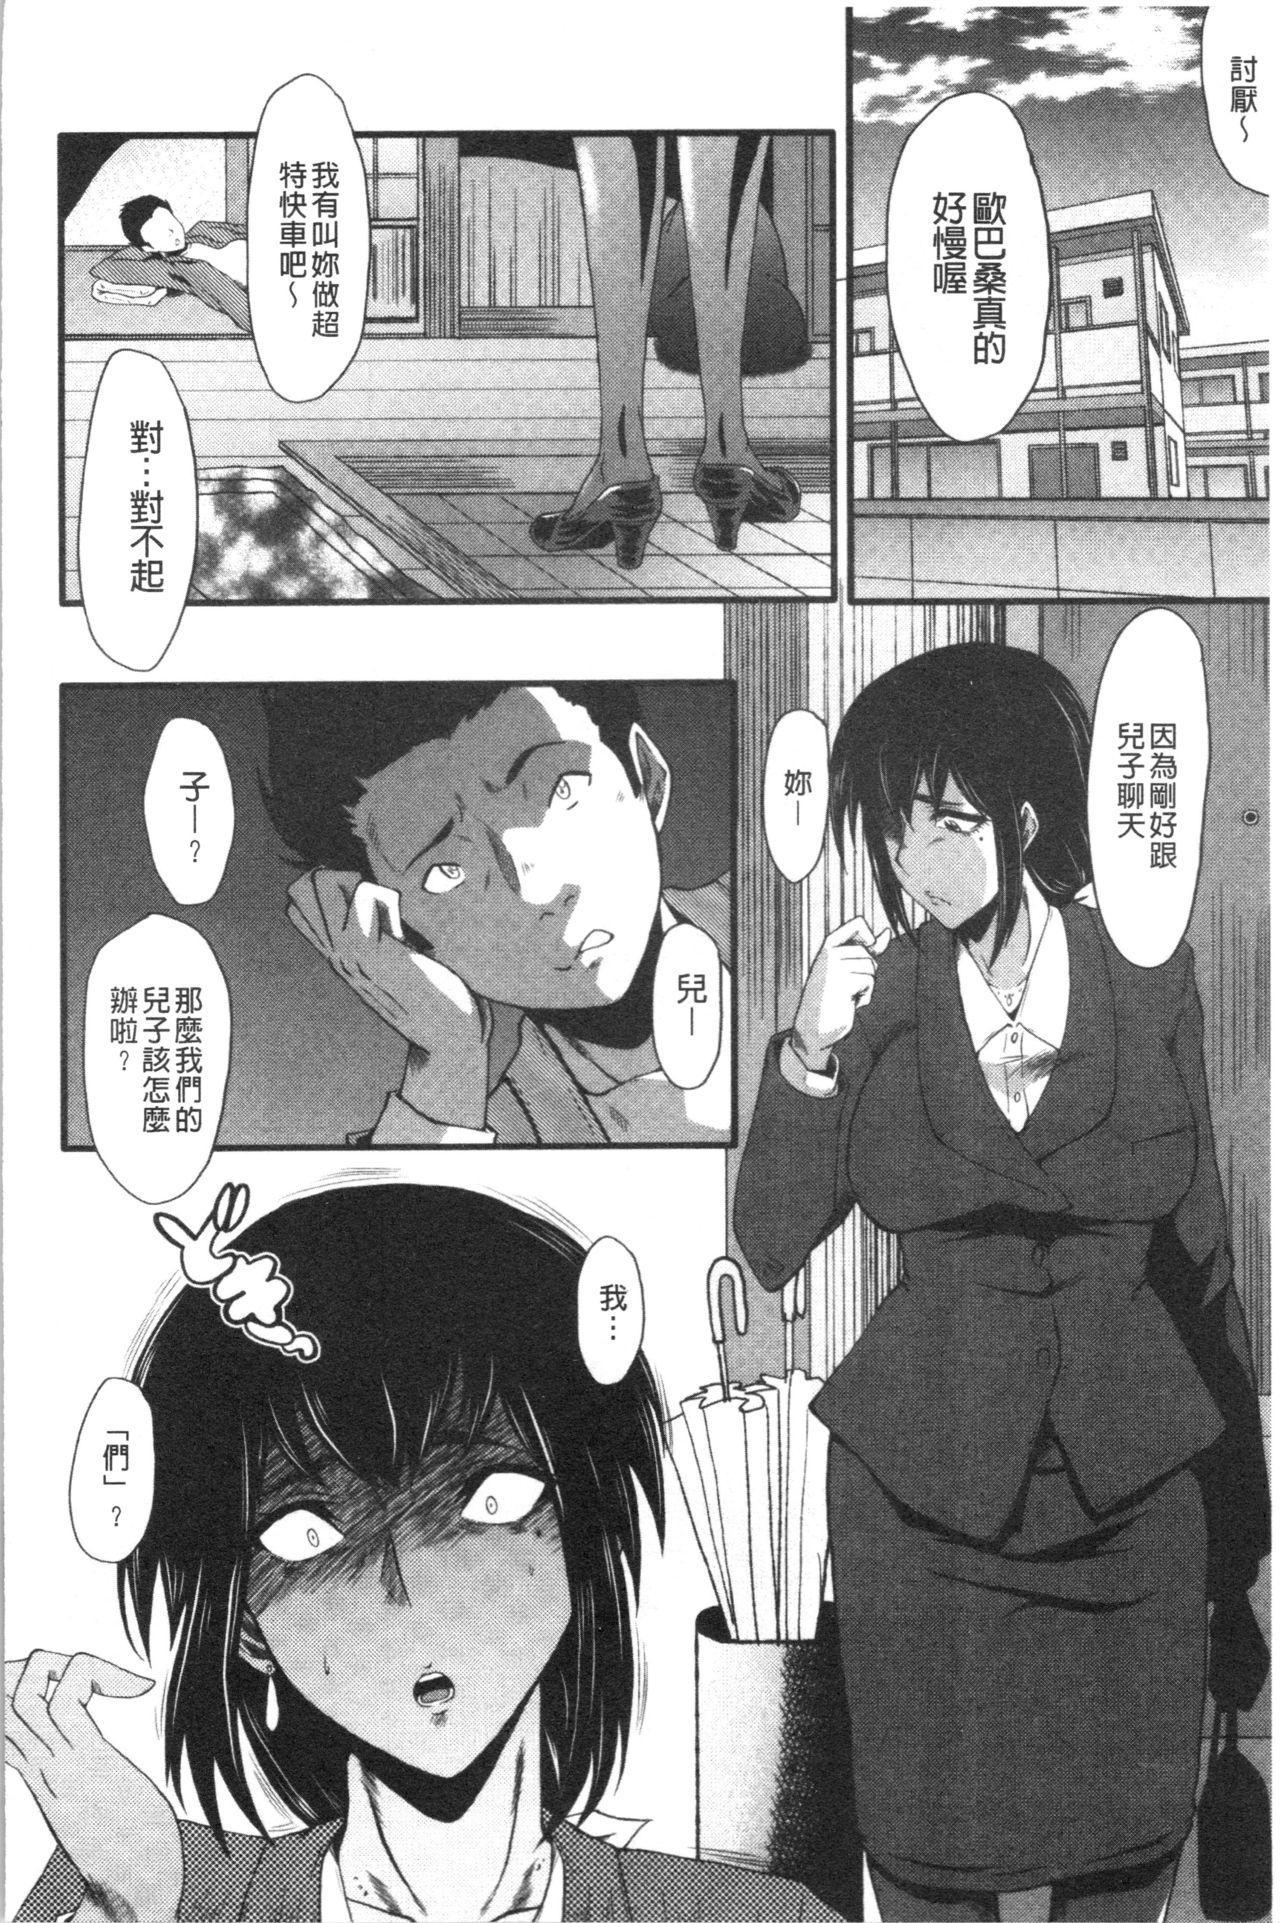 Bokuno Kanojo ga Kusogaki ni Netorareta Hanashi 179